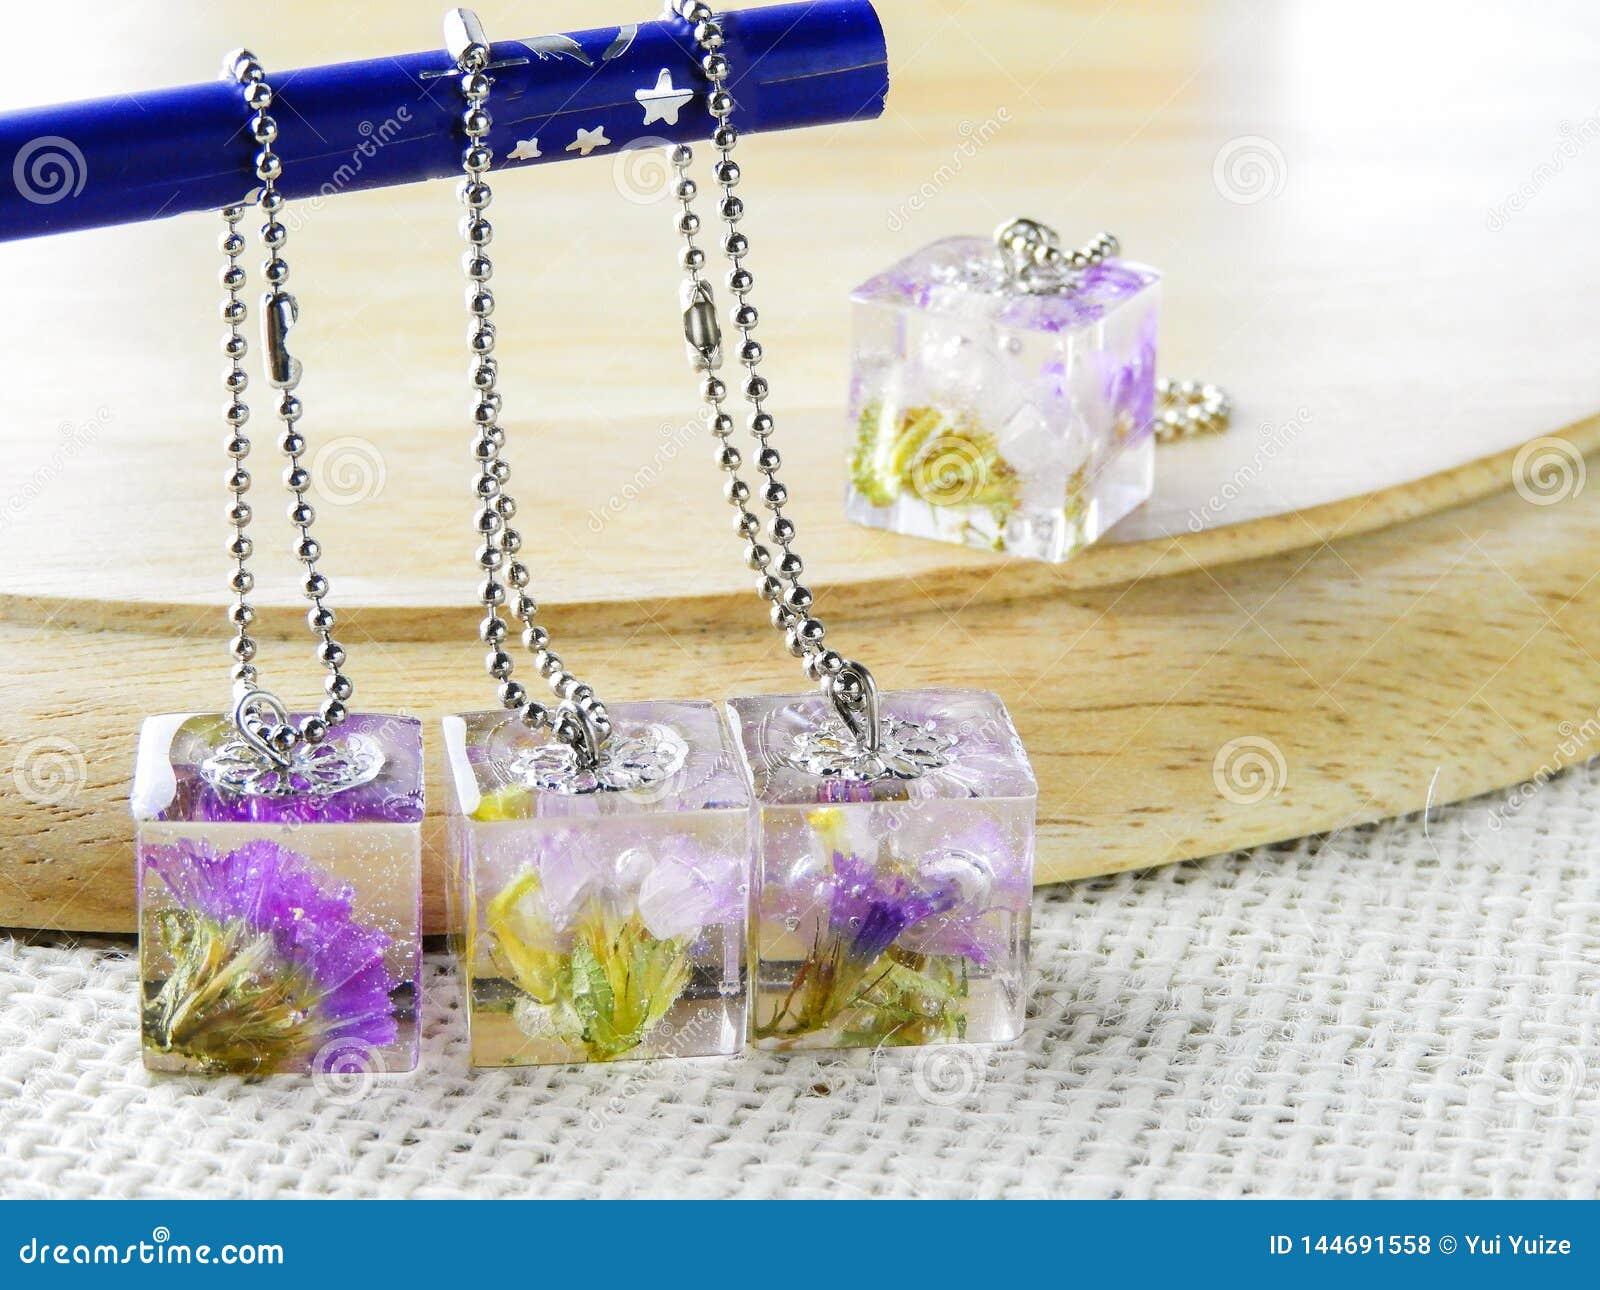 Fiore secco in resina cristallina